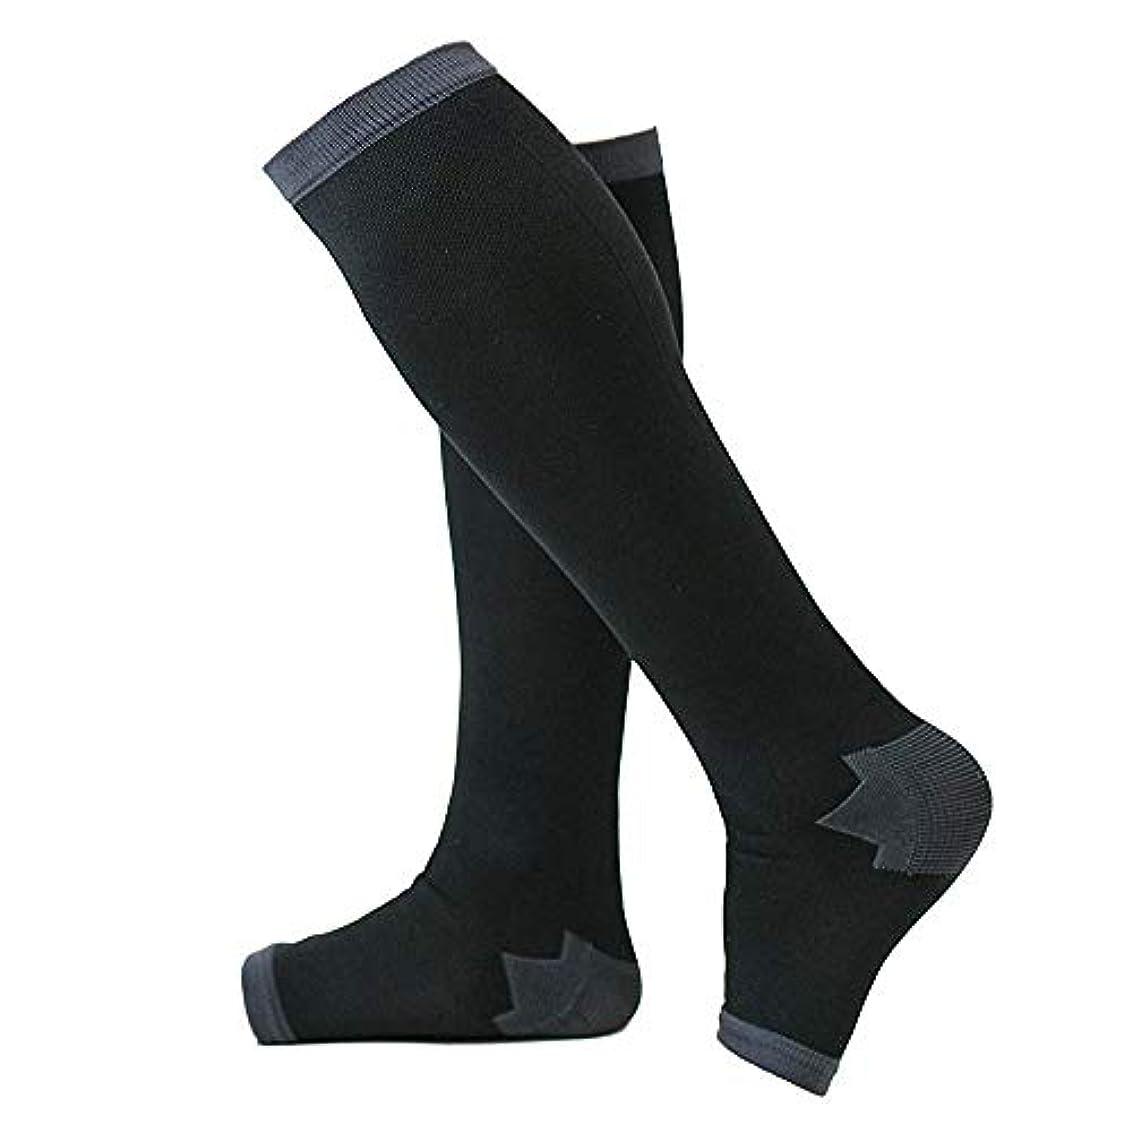 便宜野なうねる冷え性対策 男性専用脚すっきり対策オープントゥ着圧ソックス 膝下 L-LL